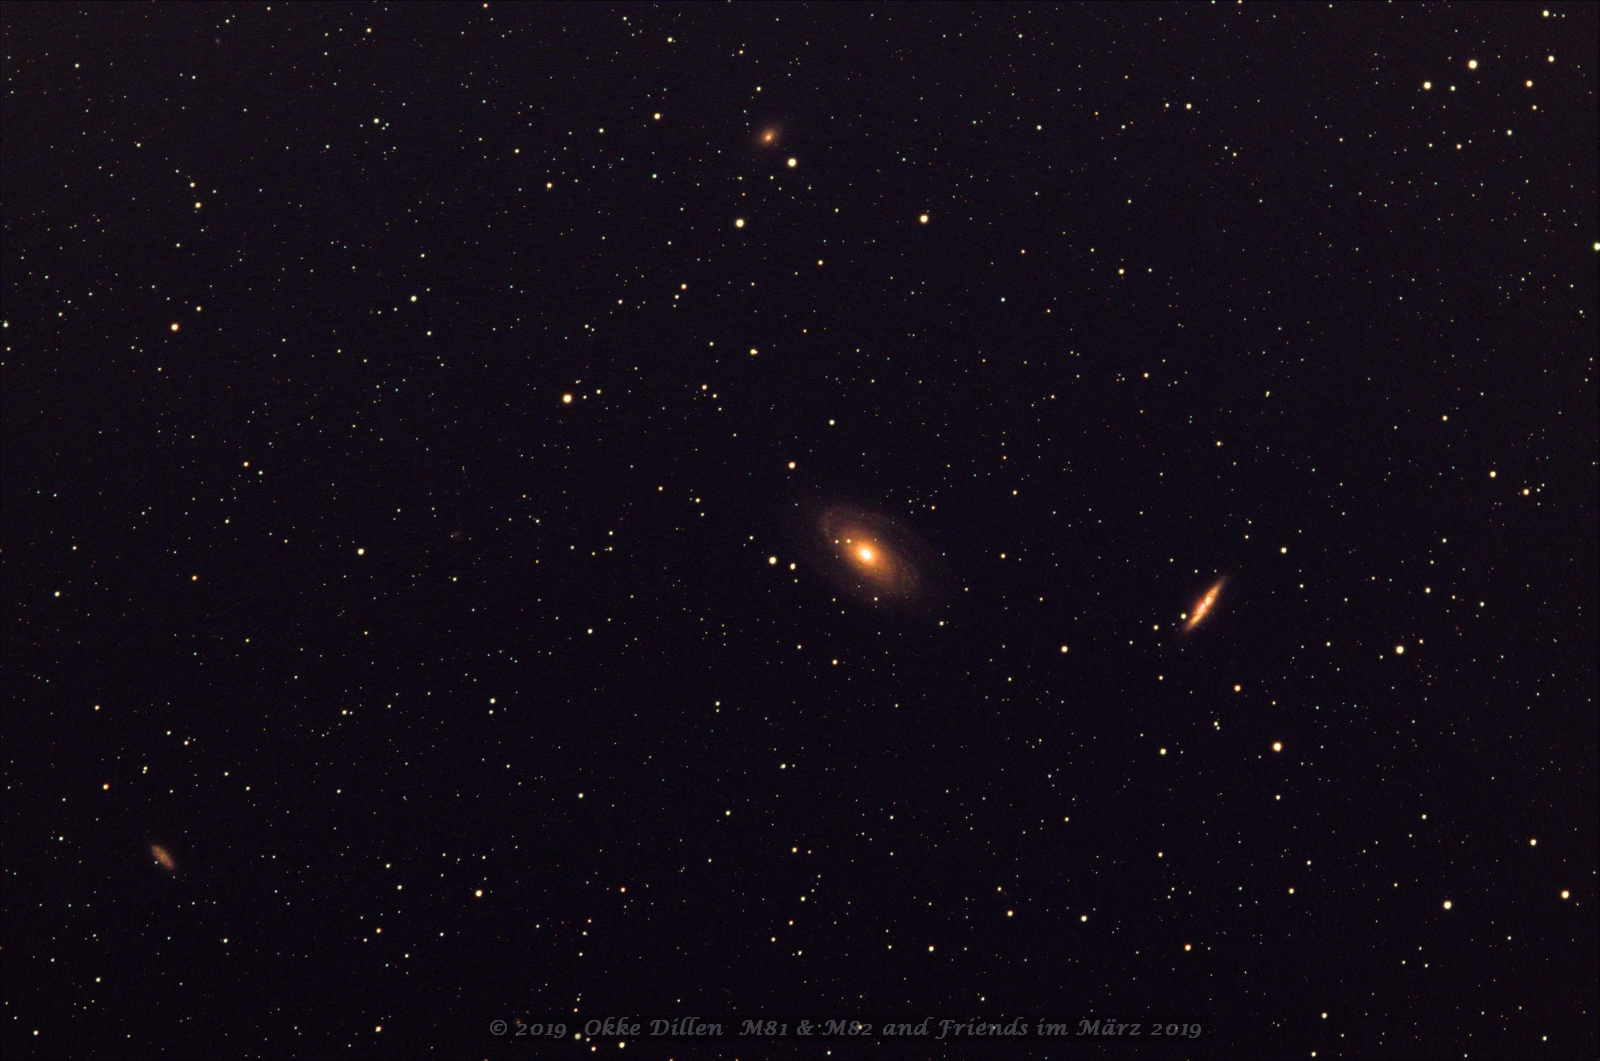 M81+M82+Friends_dss2_hs_ps_p_1600_1st_fc.jpg